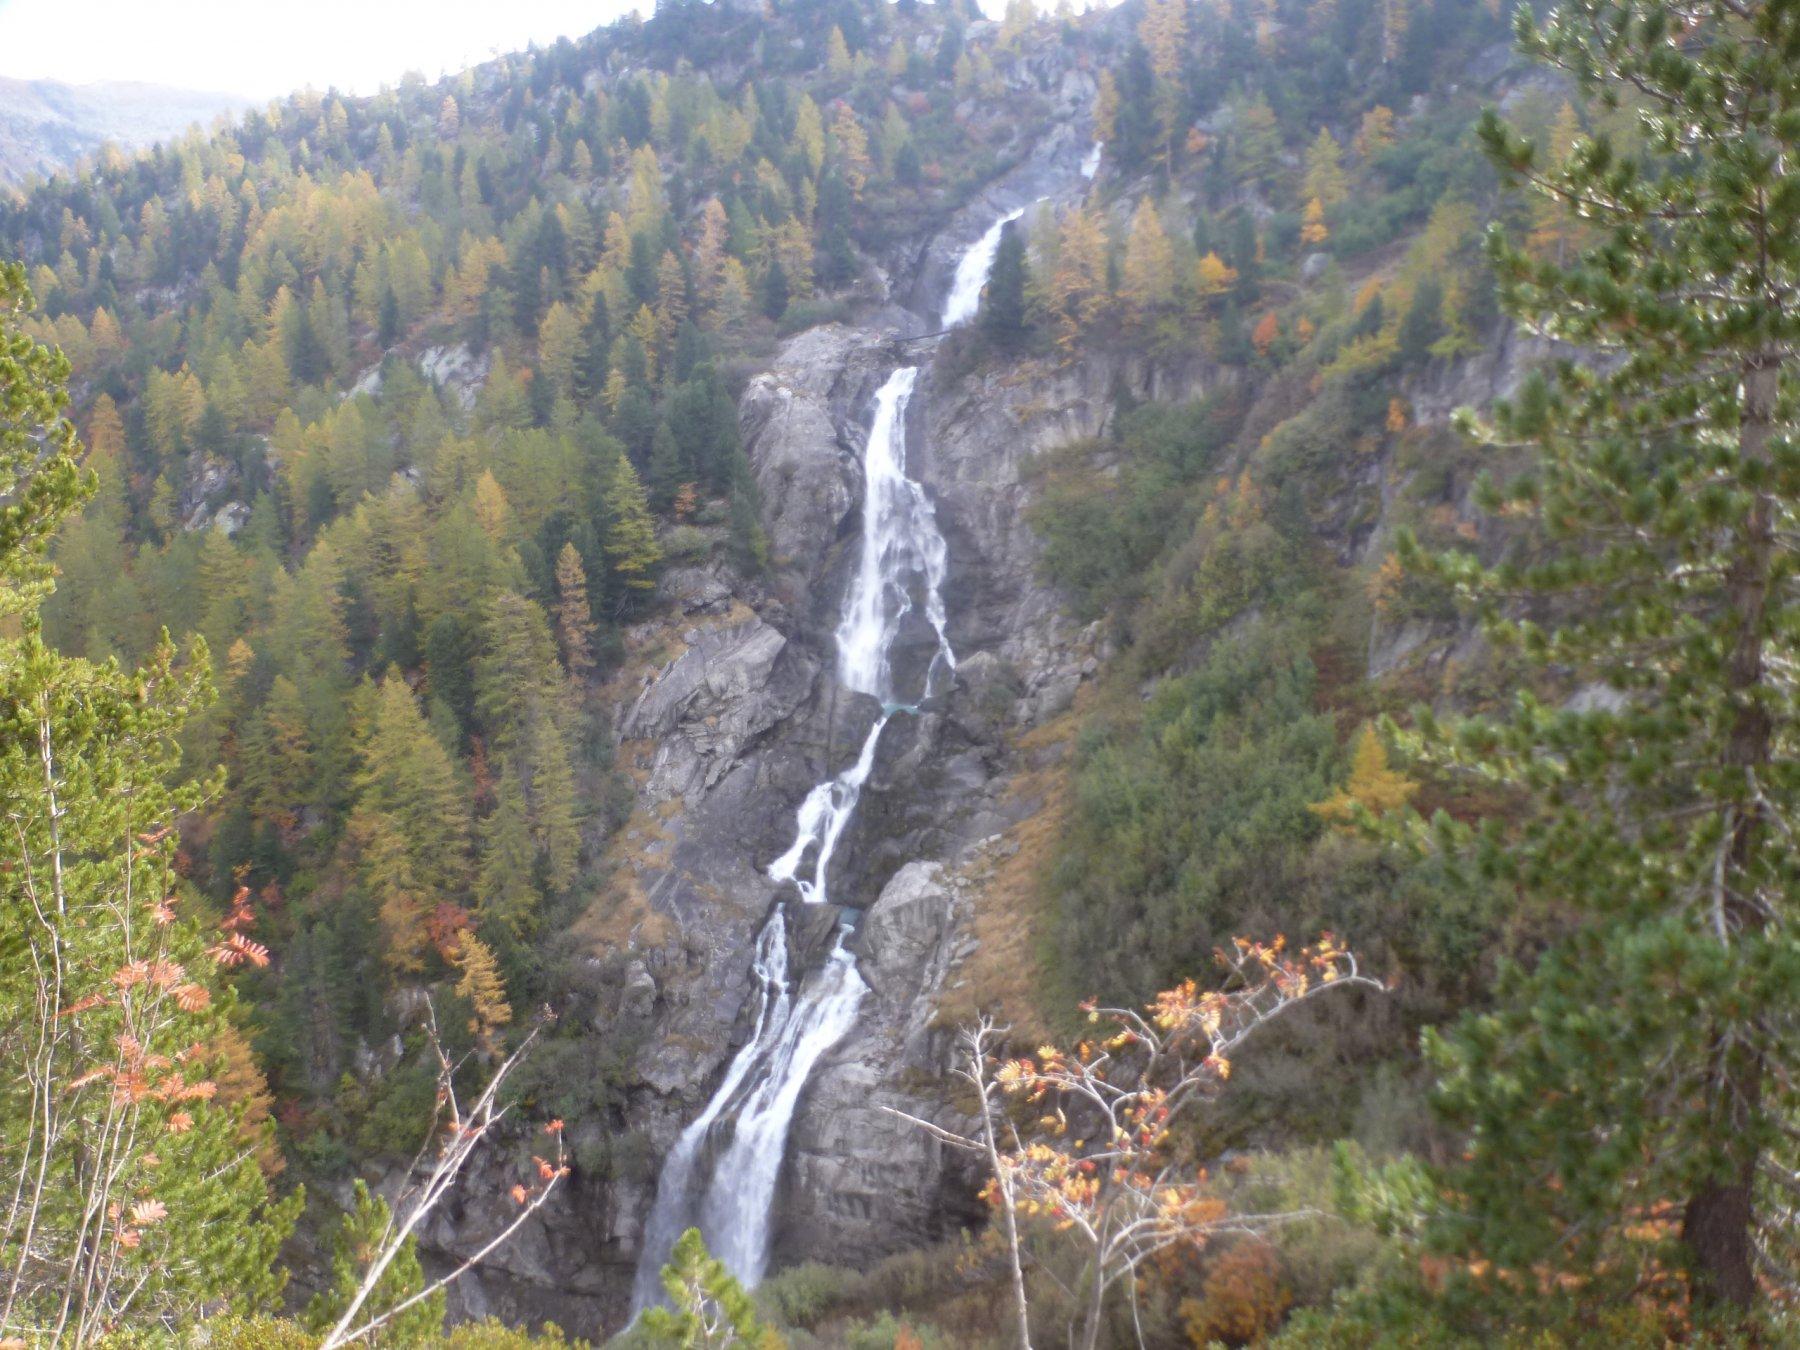 seconda e terza cascata dal sentiero di discesa